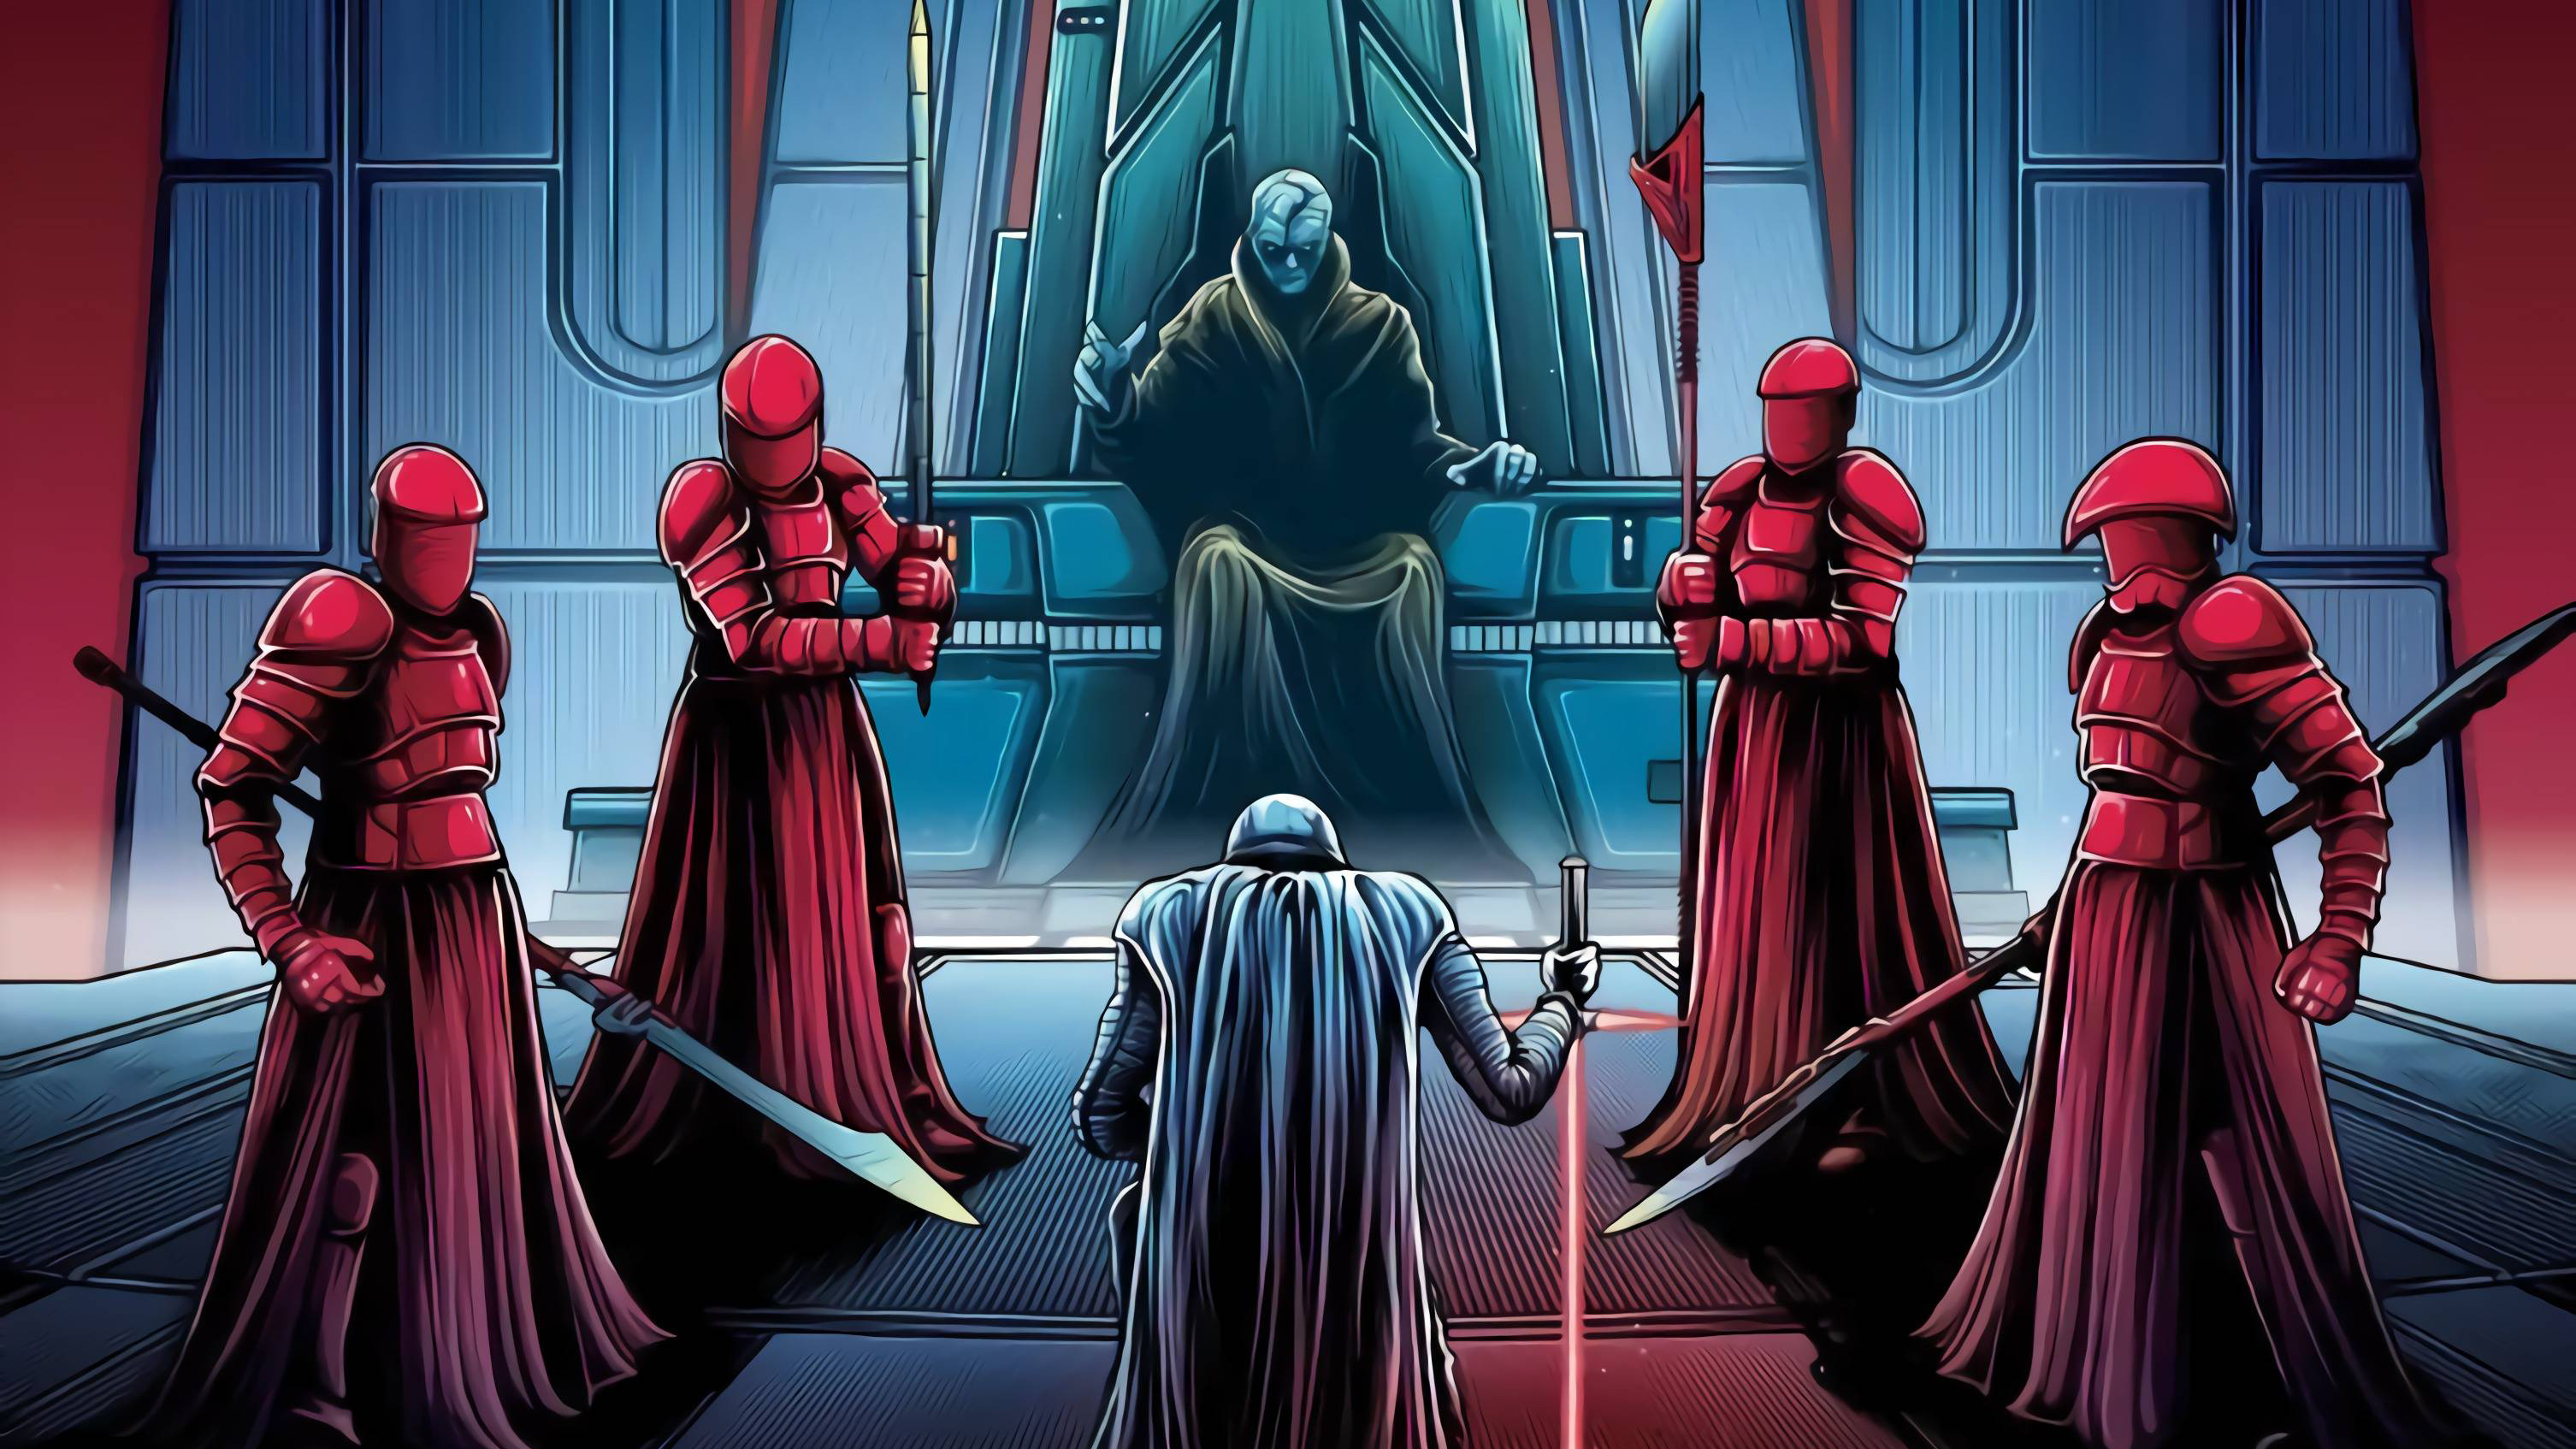 Star Wars The Last Jedi Dan Mumford 3012x1694 Wallpaper Teahub Io